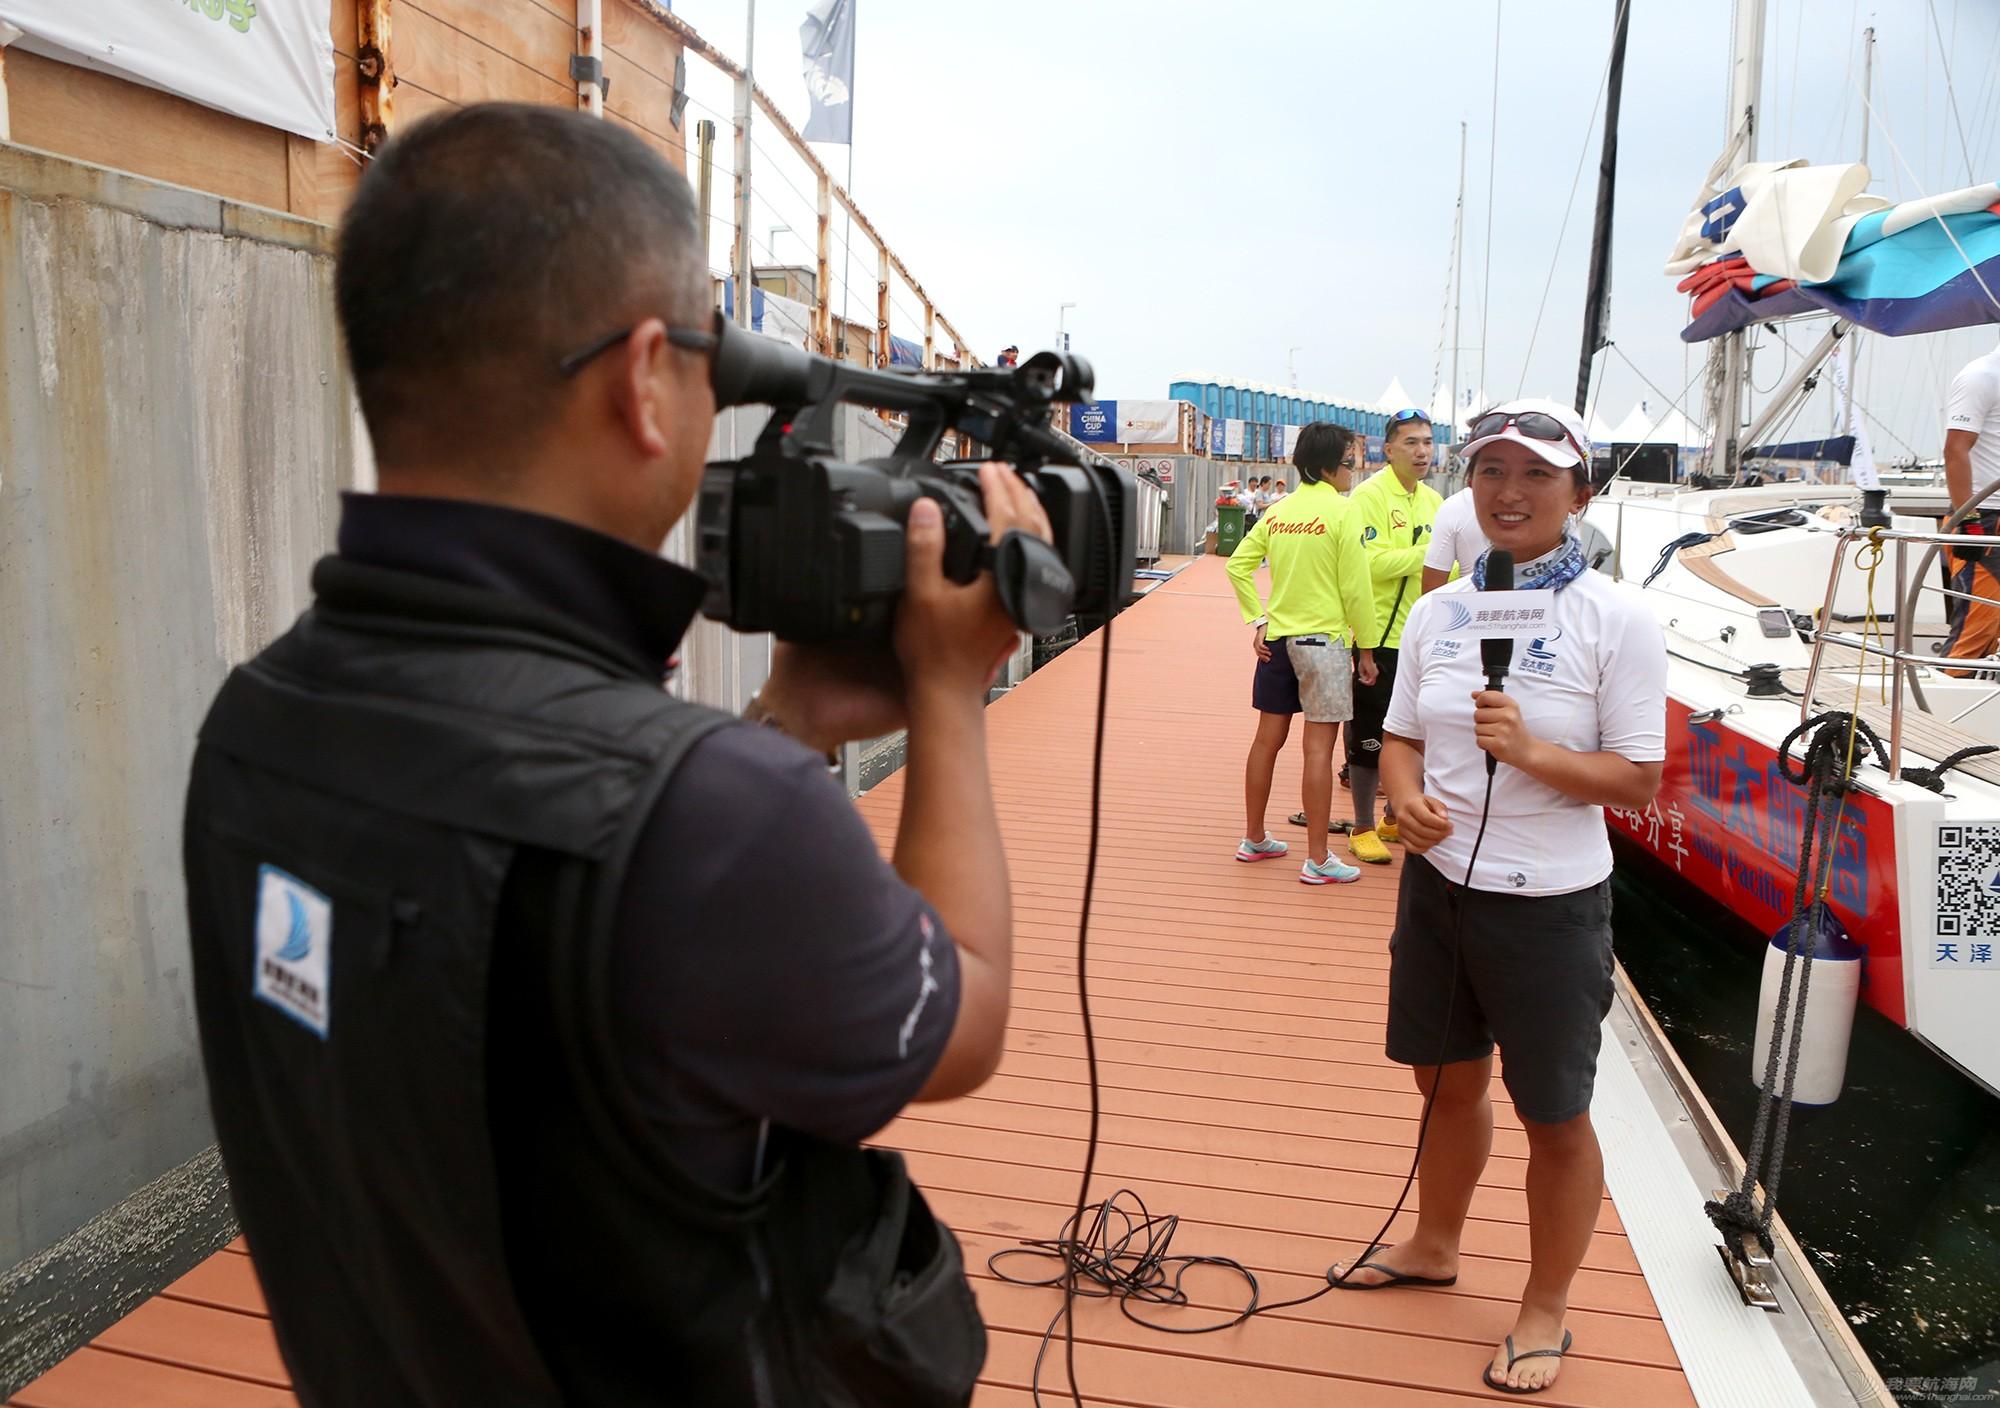 中国 我要航海网采访宋坤、徐京坤、翁少瑛等参加中国杯的船长、船员 (视频) 5V8A6716.JPG